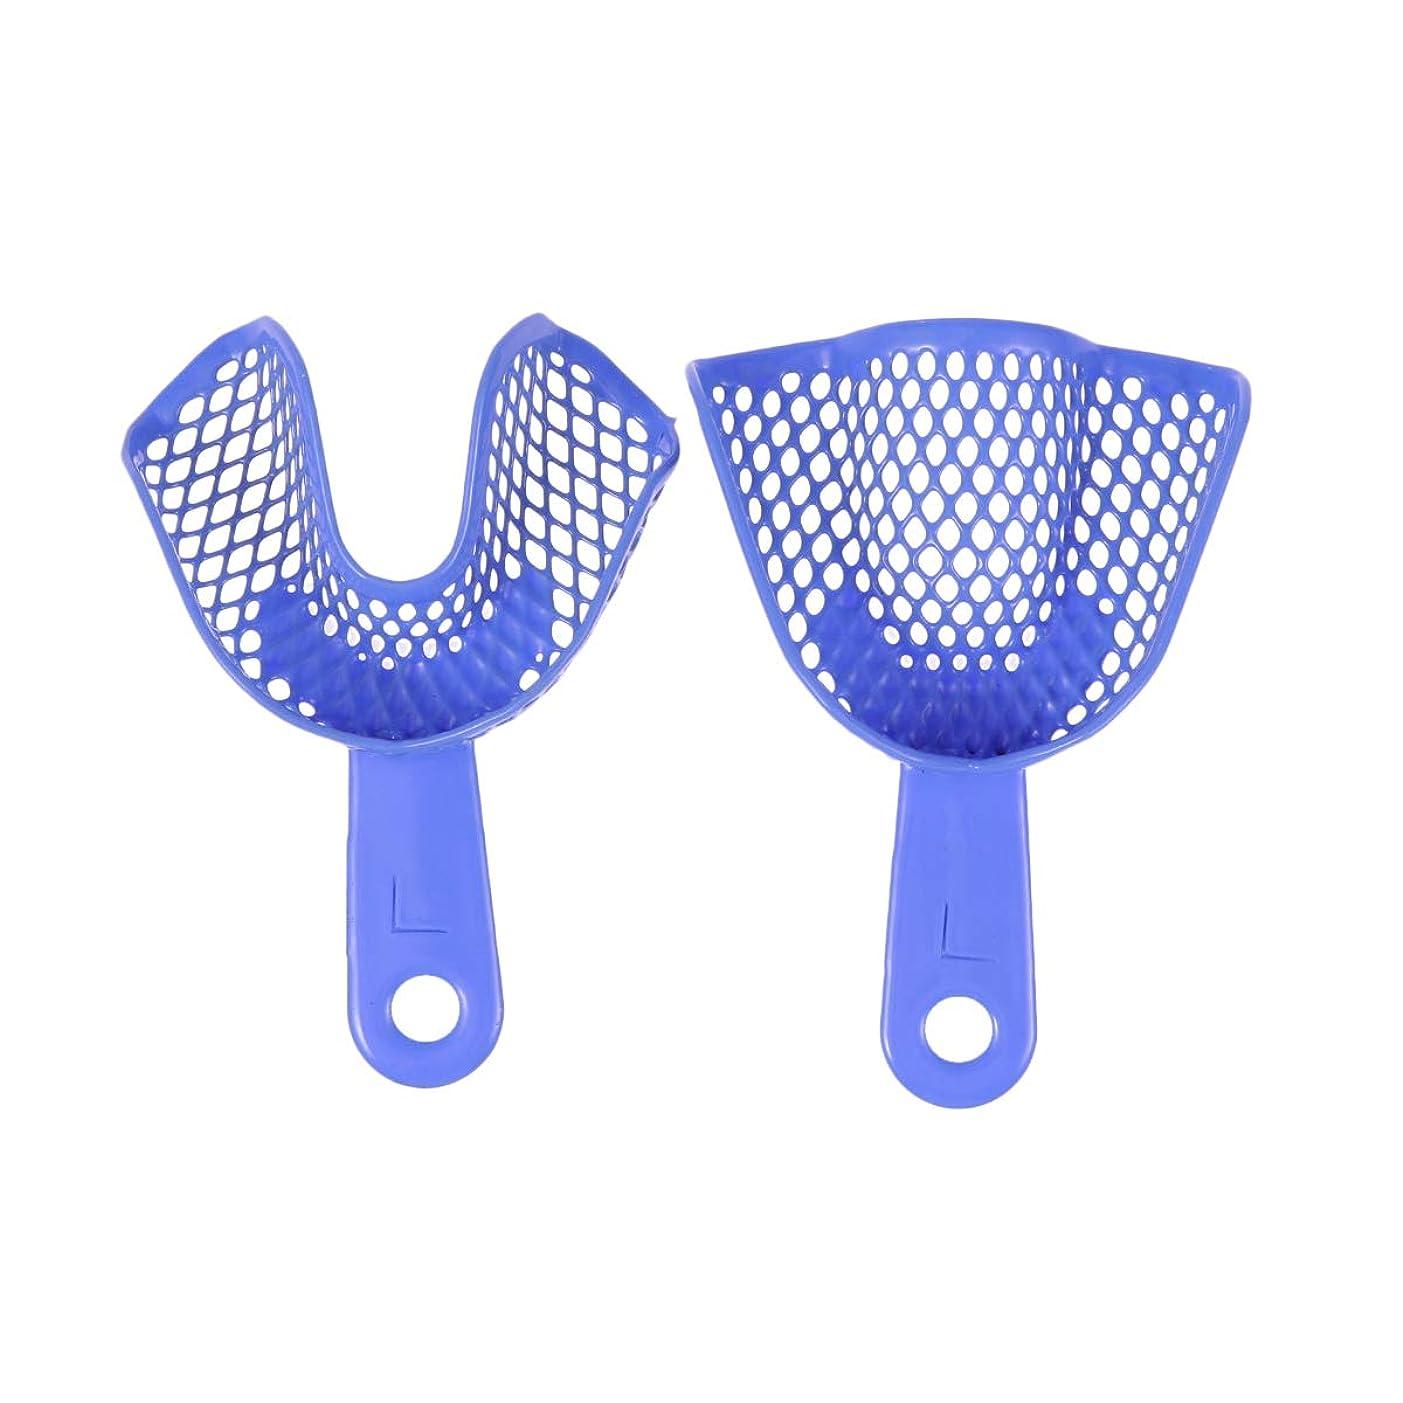 アイザック仮定する不快なHealifty 2個使い捨て歯科用印象トレイ歯トレイ歯科矯正材料(青、L)